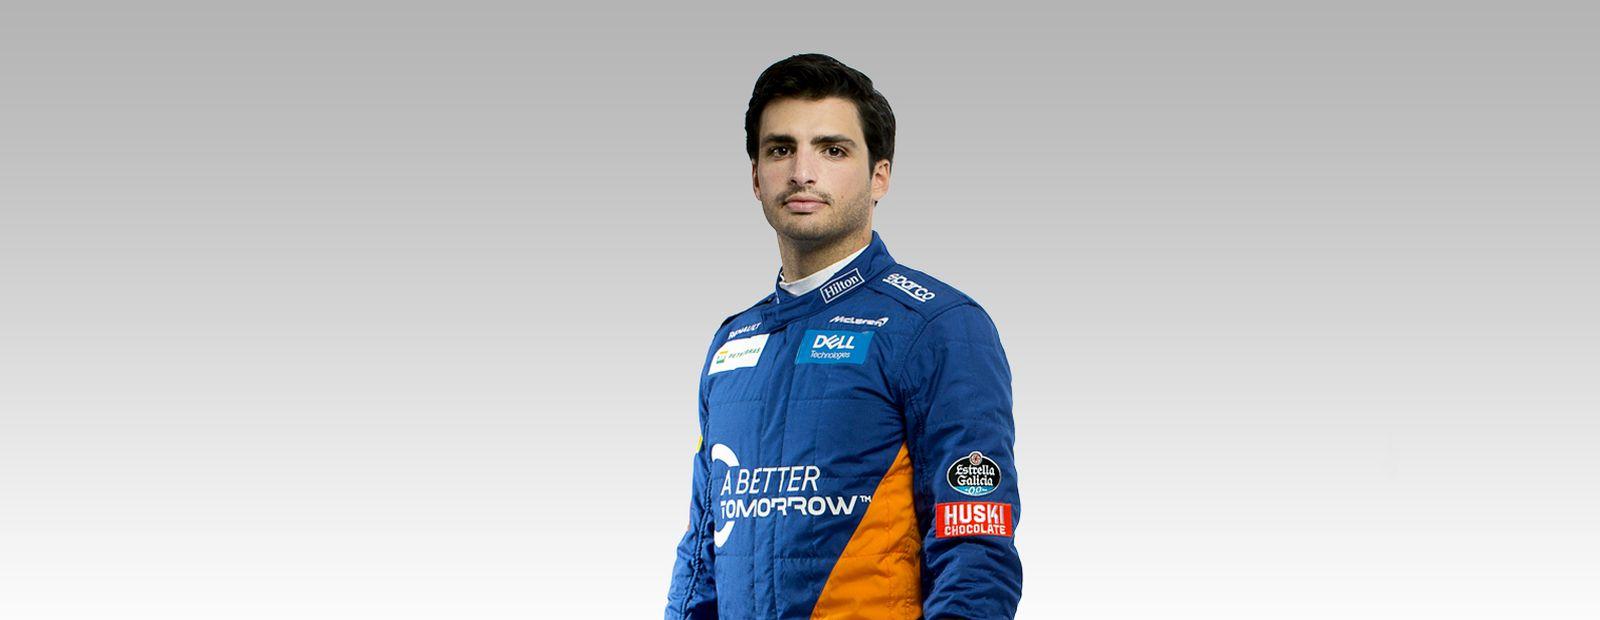 F1 2019 Carlos Sainz